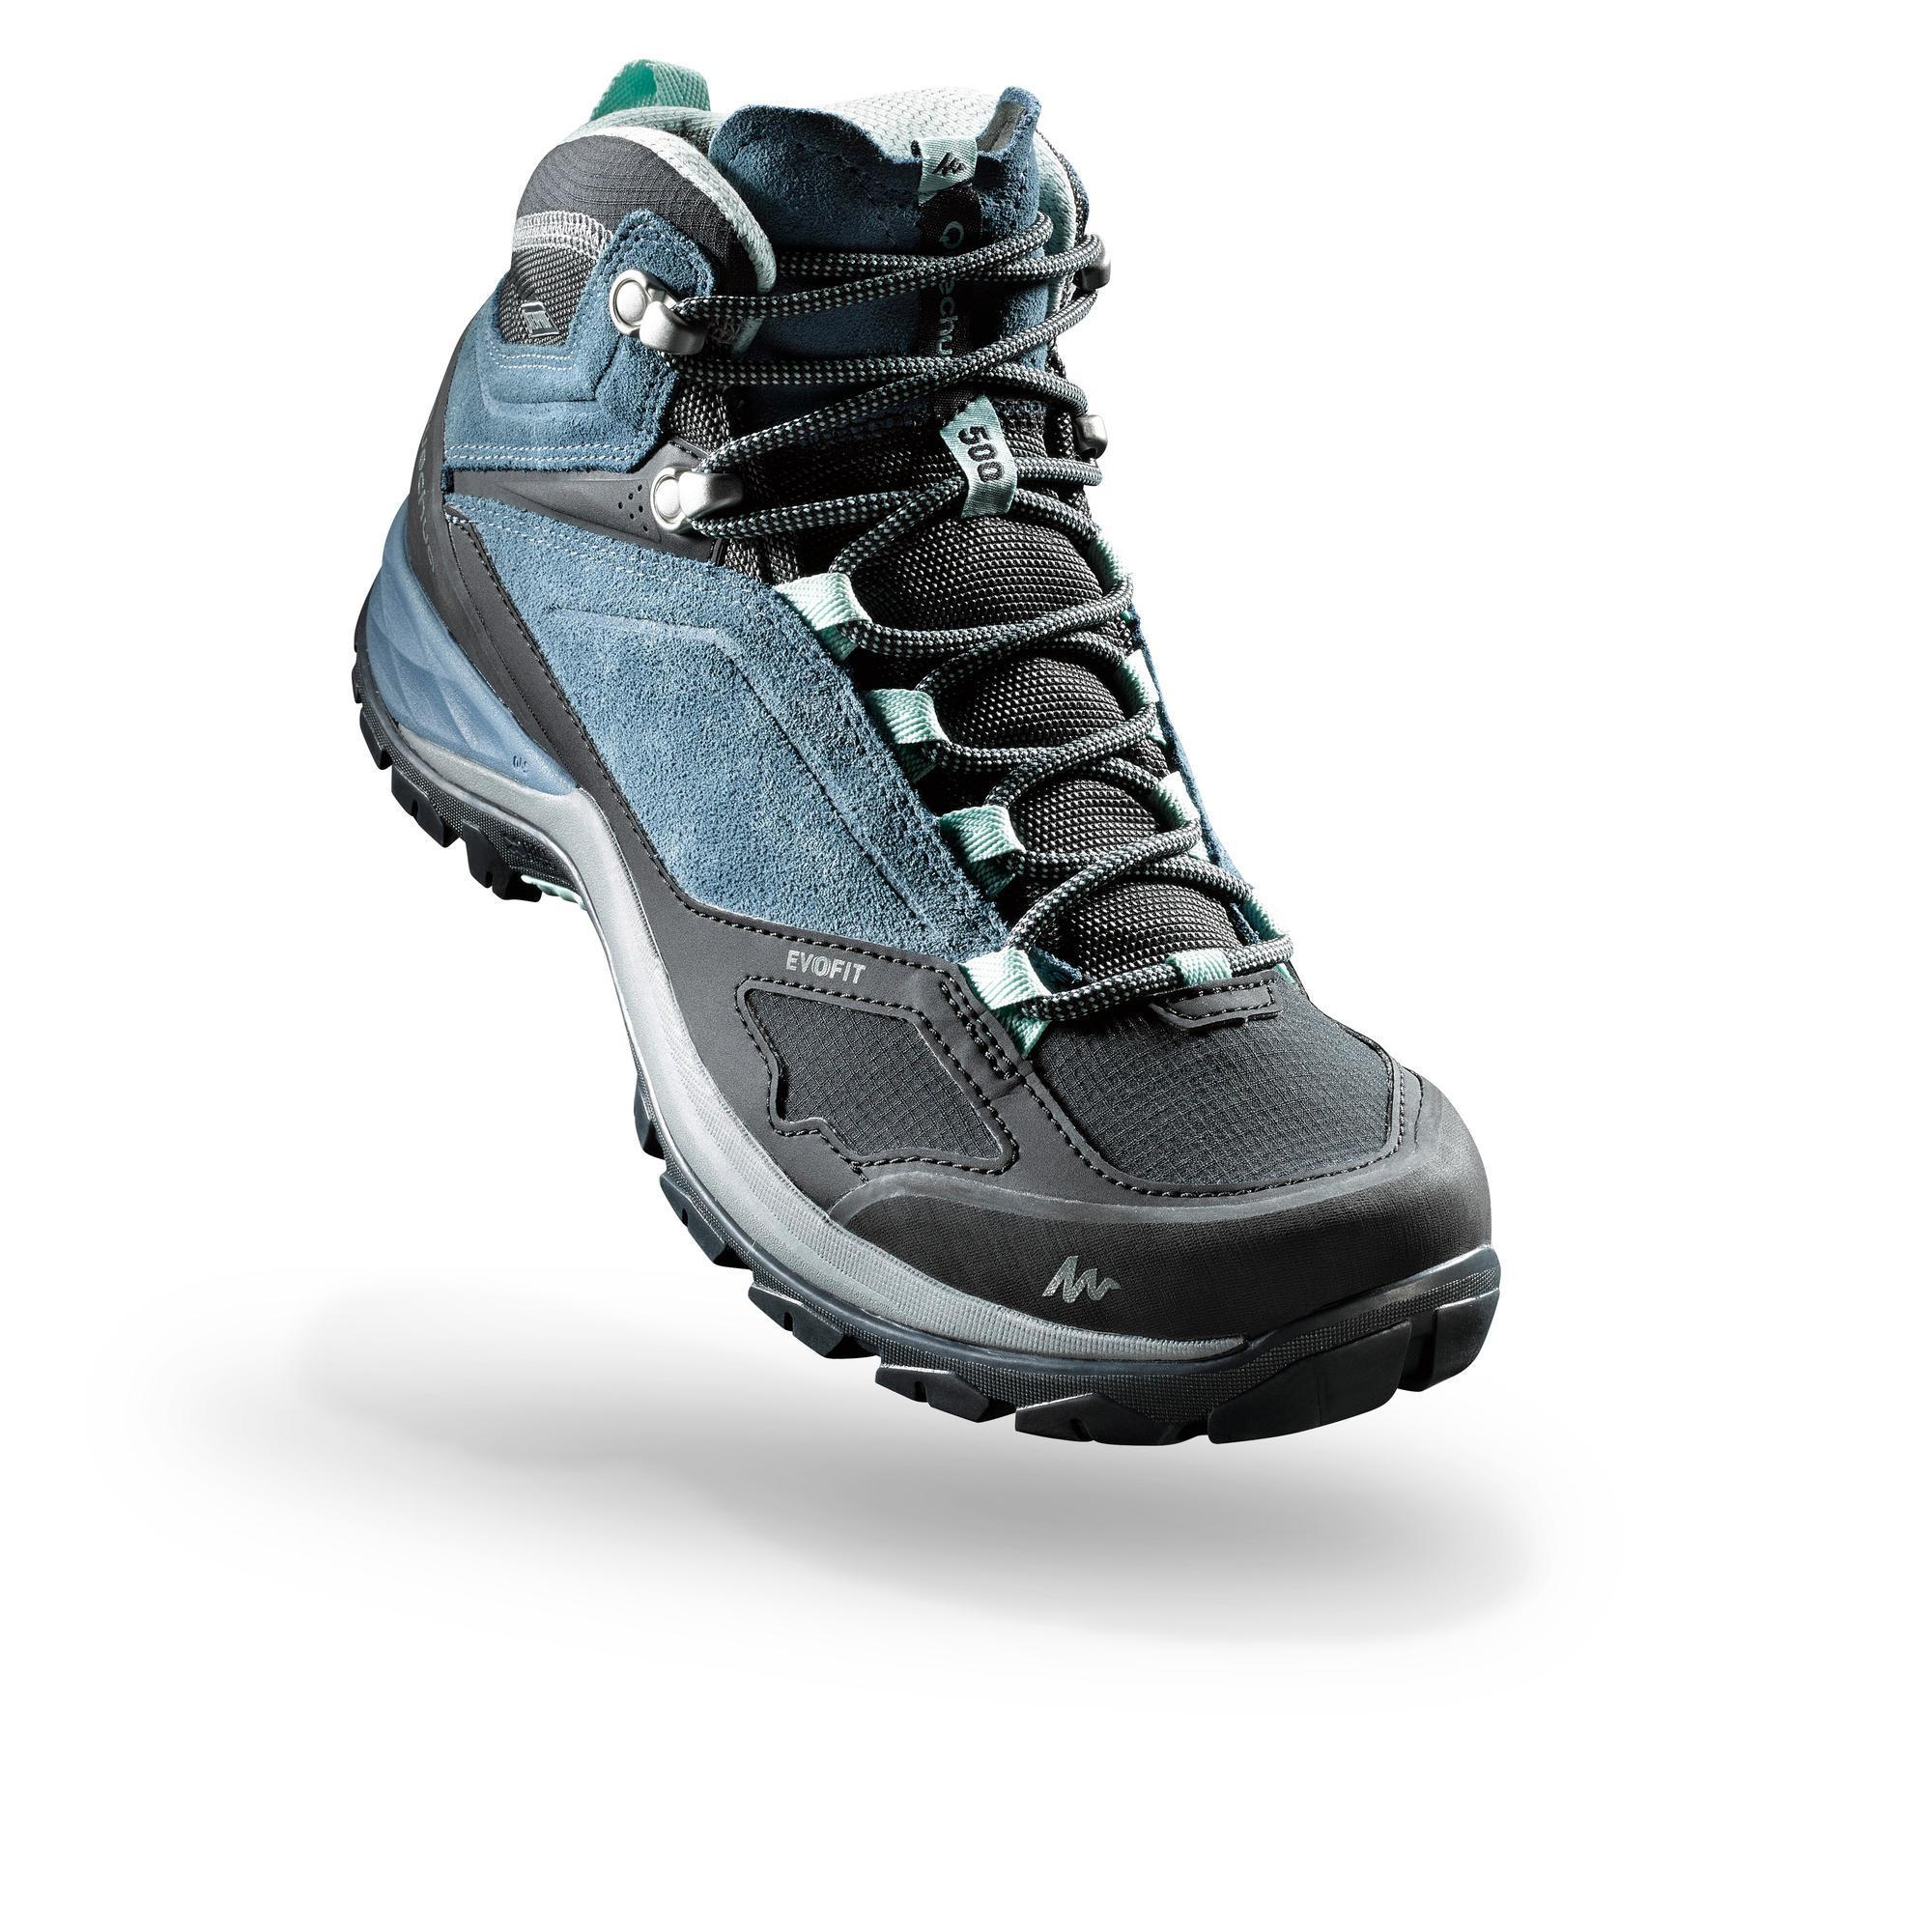 2553990 Quechua Waterdichte bergwandelschoenen voor dames MH500 mid blauw